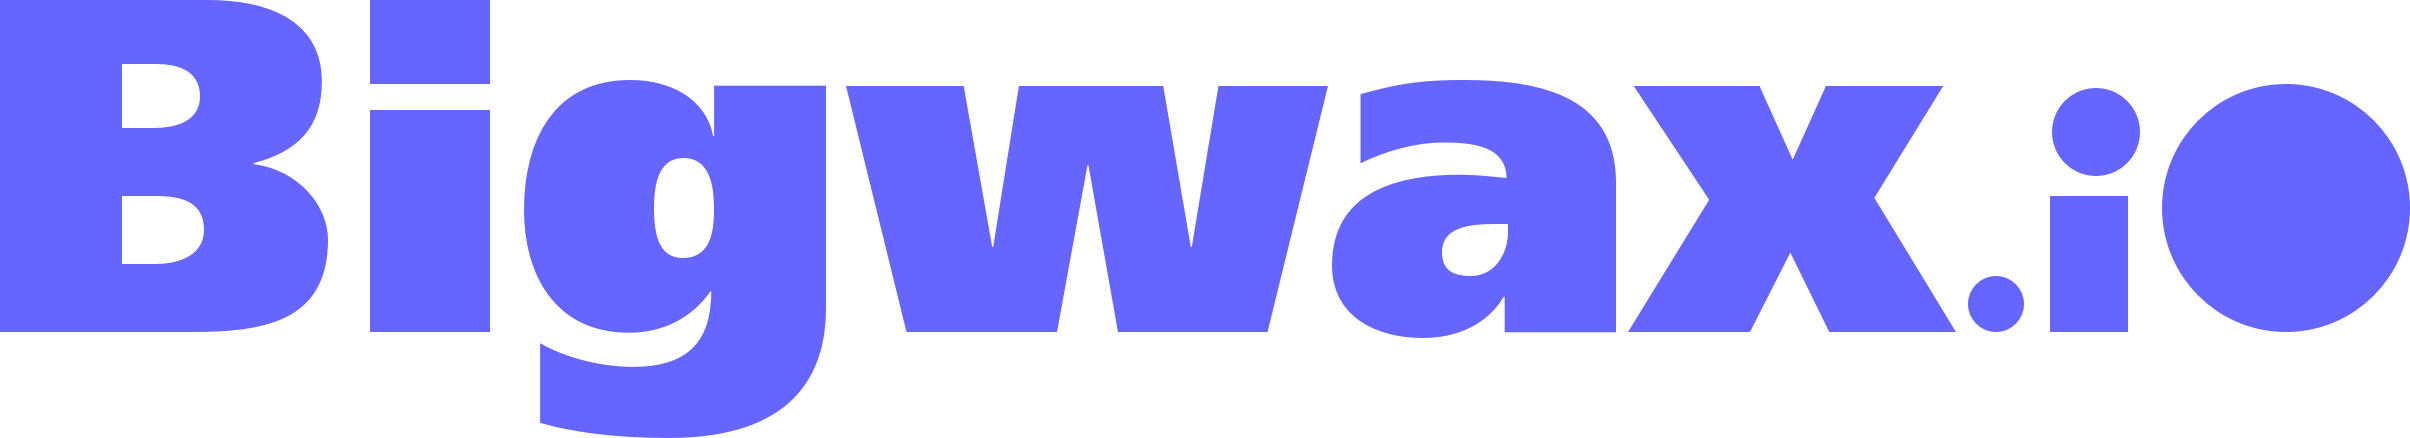 Bigwax.iO Logo